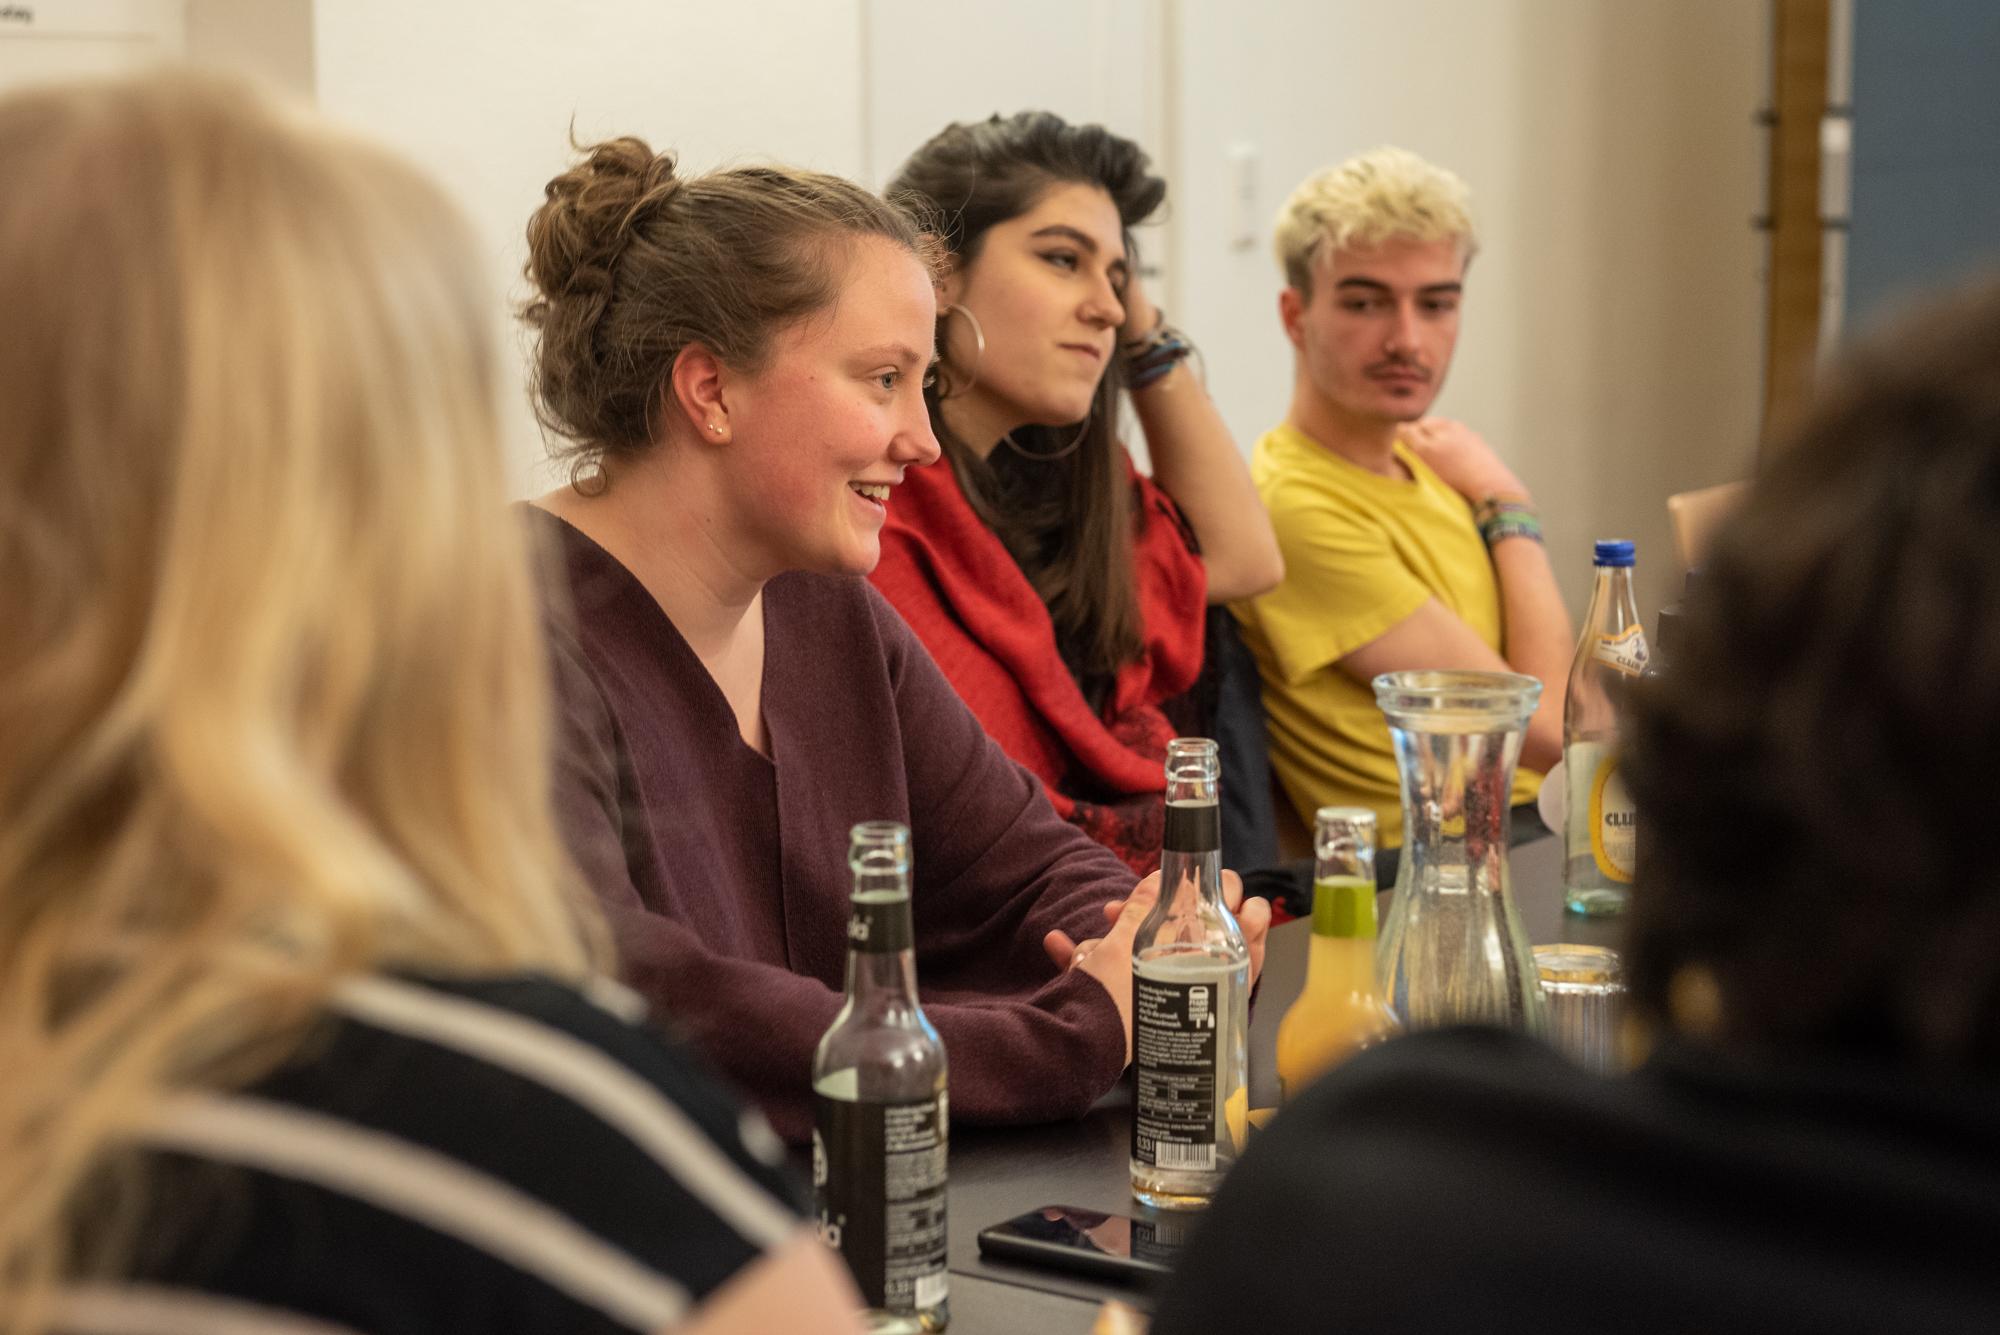 Mehrere Personen sitzen an einem Tisch und schauen in den Raum. Vor den Personen stehen Getränke.